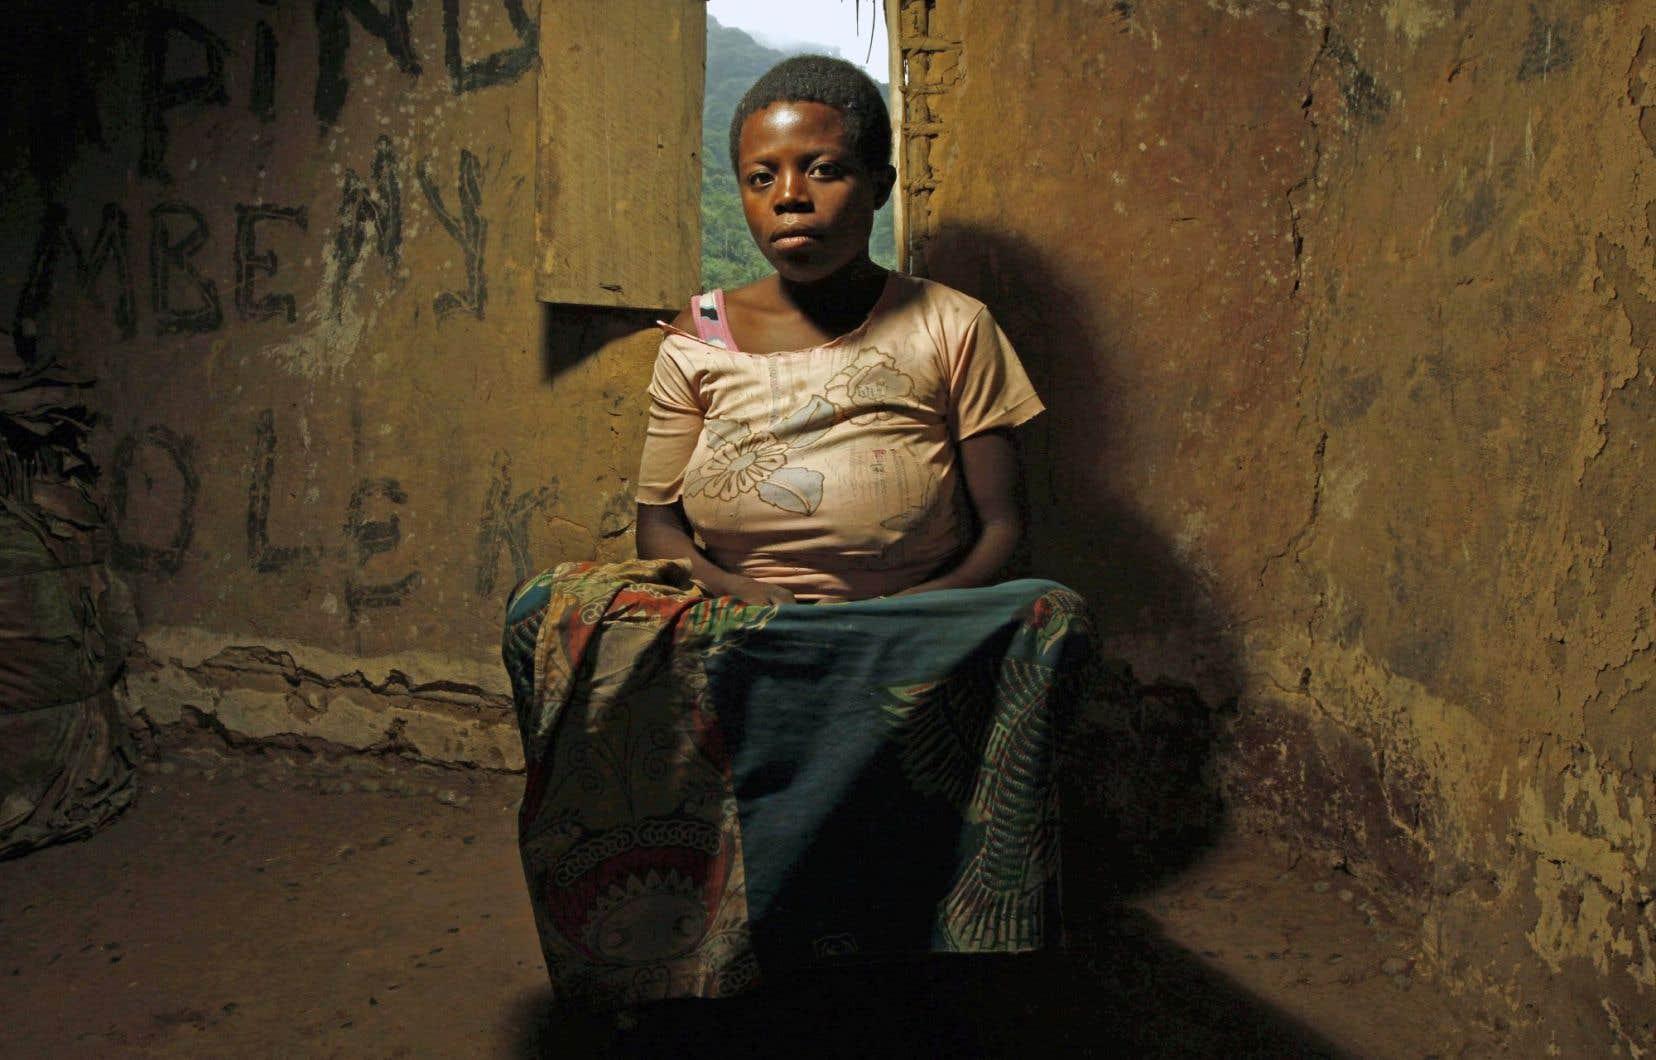 Les femmes subissent des violences atroces en République démocratique du Congo, et la communauté internationale, bien qu'elle se dise préoccupée, n'agit pas pour mettre un terme au massacre, dénonce le DrDenis Mukwege.